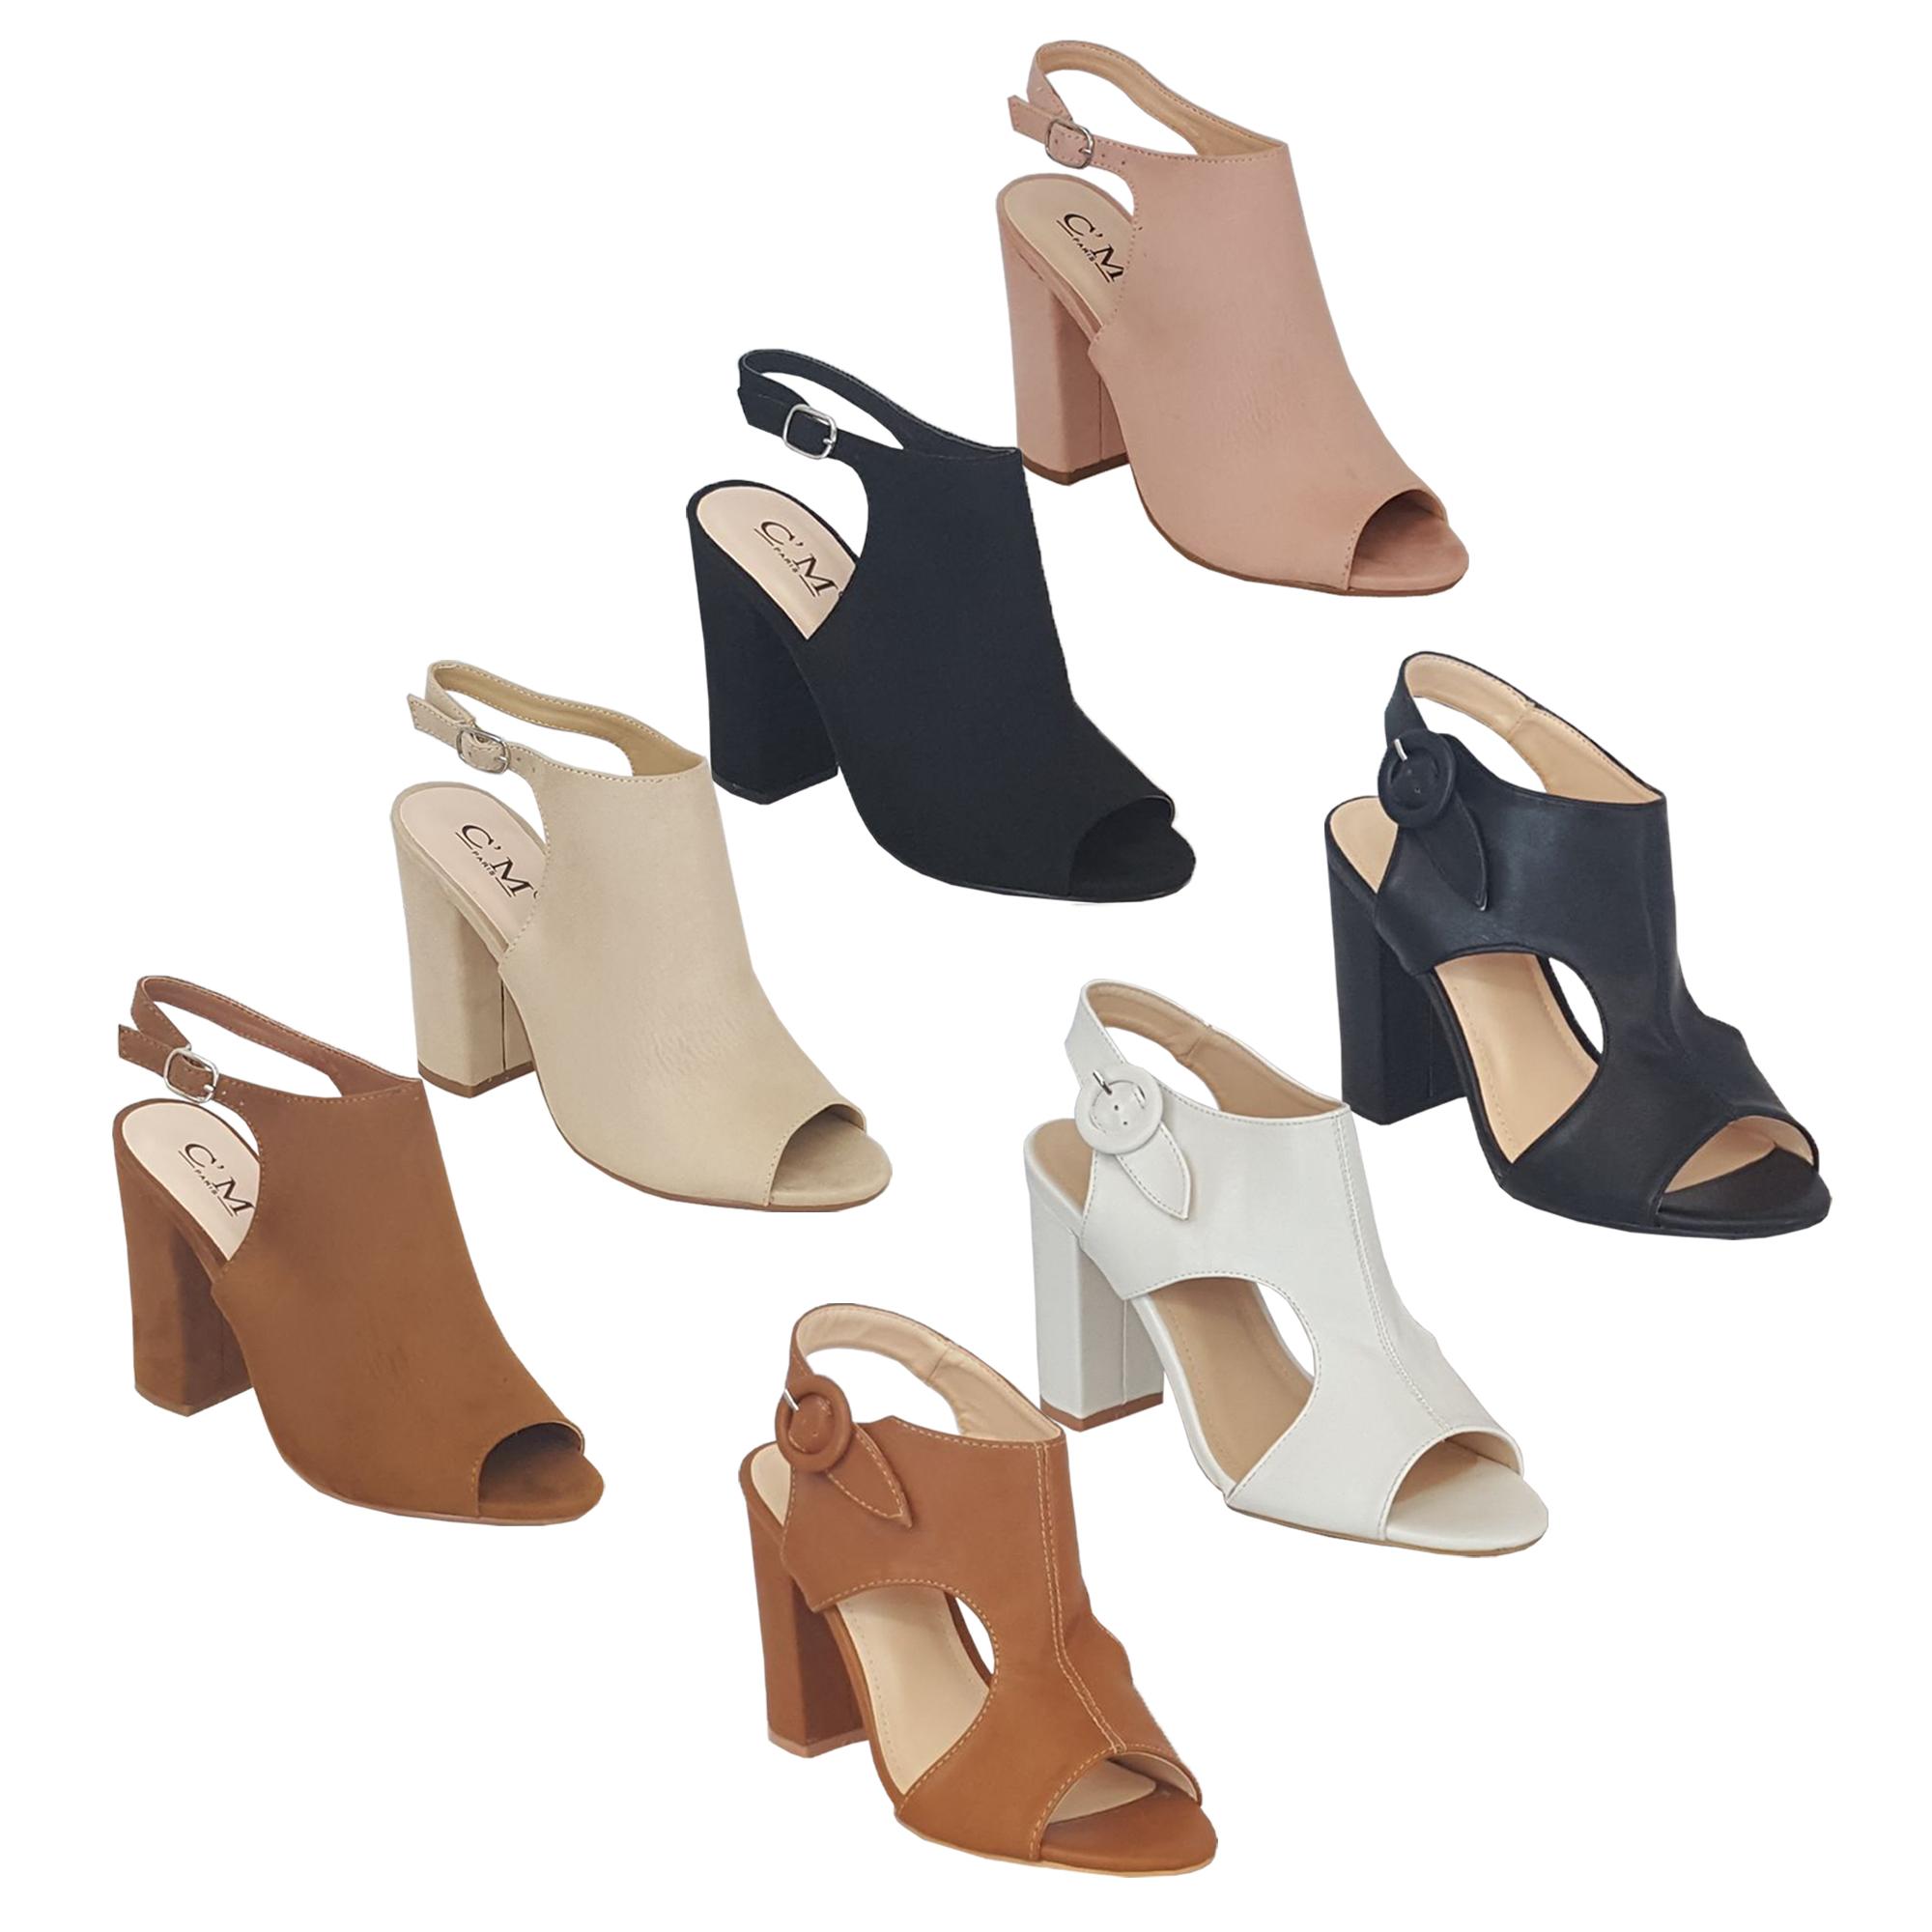 aef711db1c146 Ladies Block Heel Mule Sandals Womens Peep Toe Shoes Buckle Wedding ...